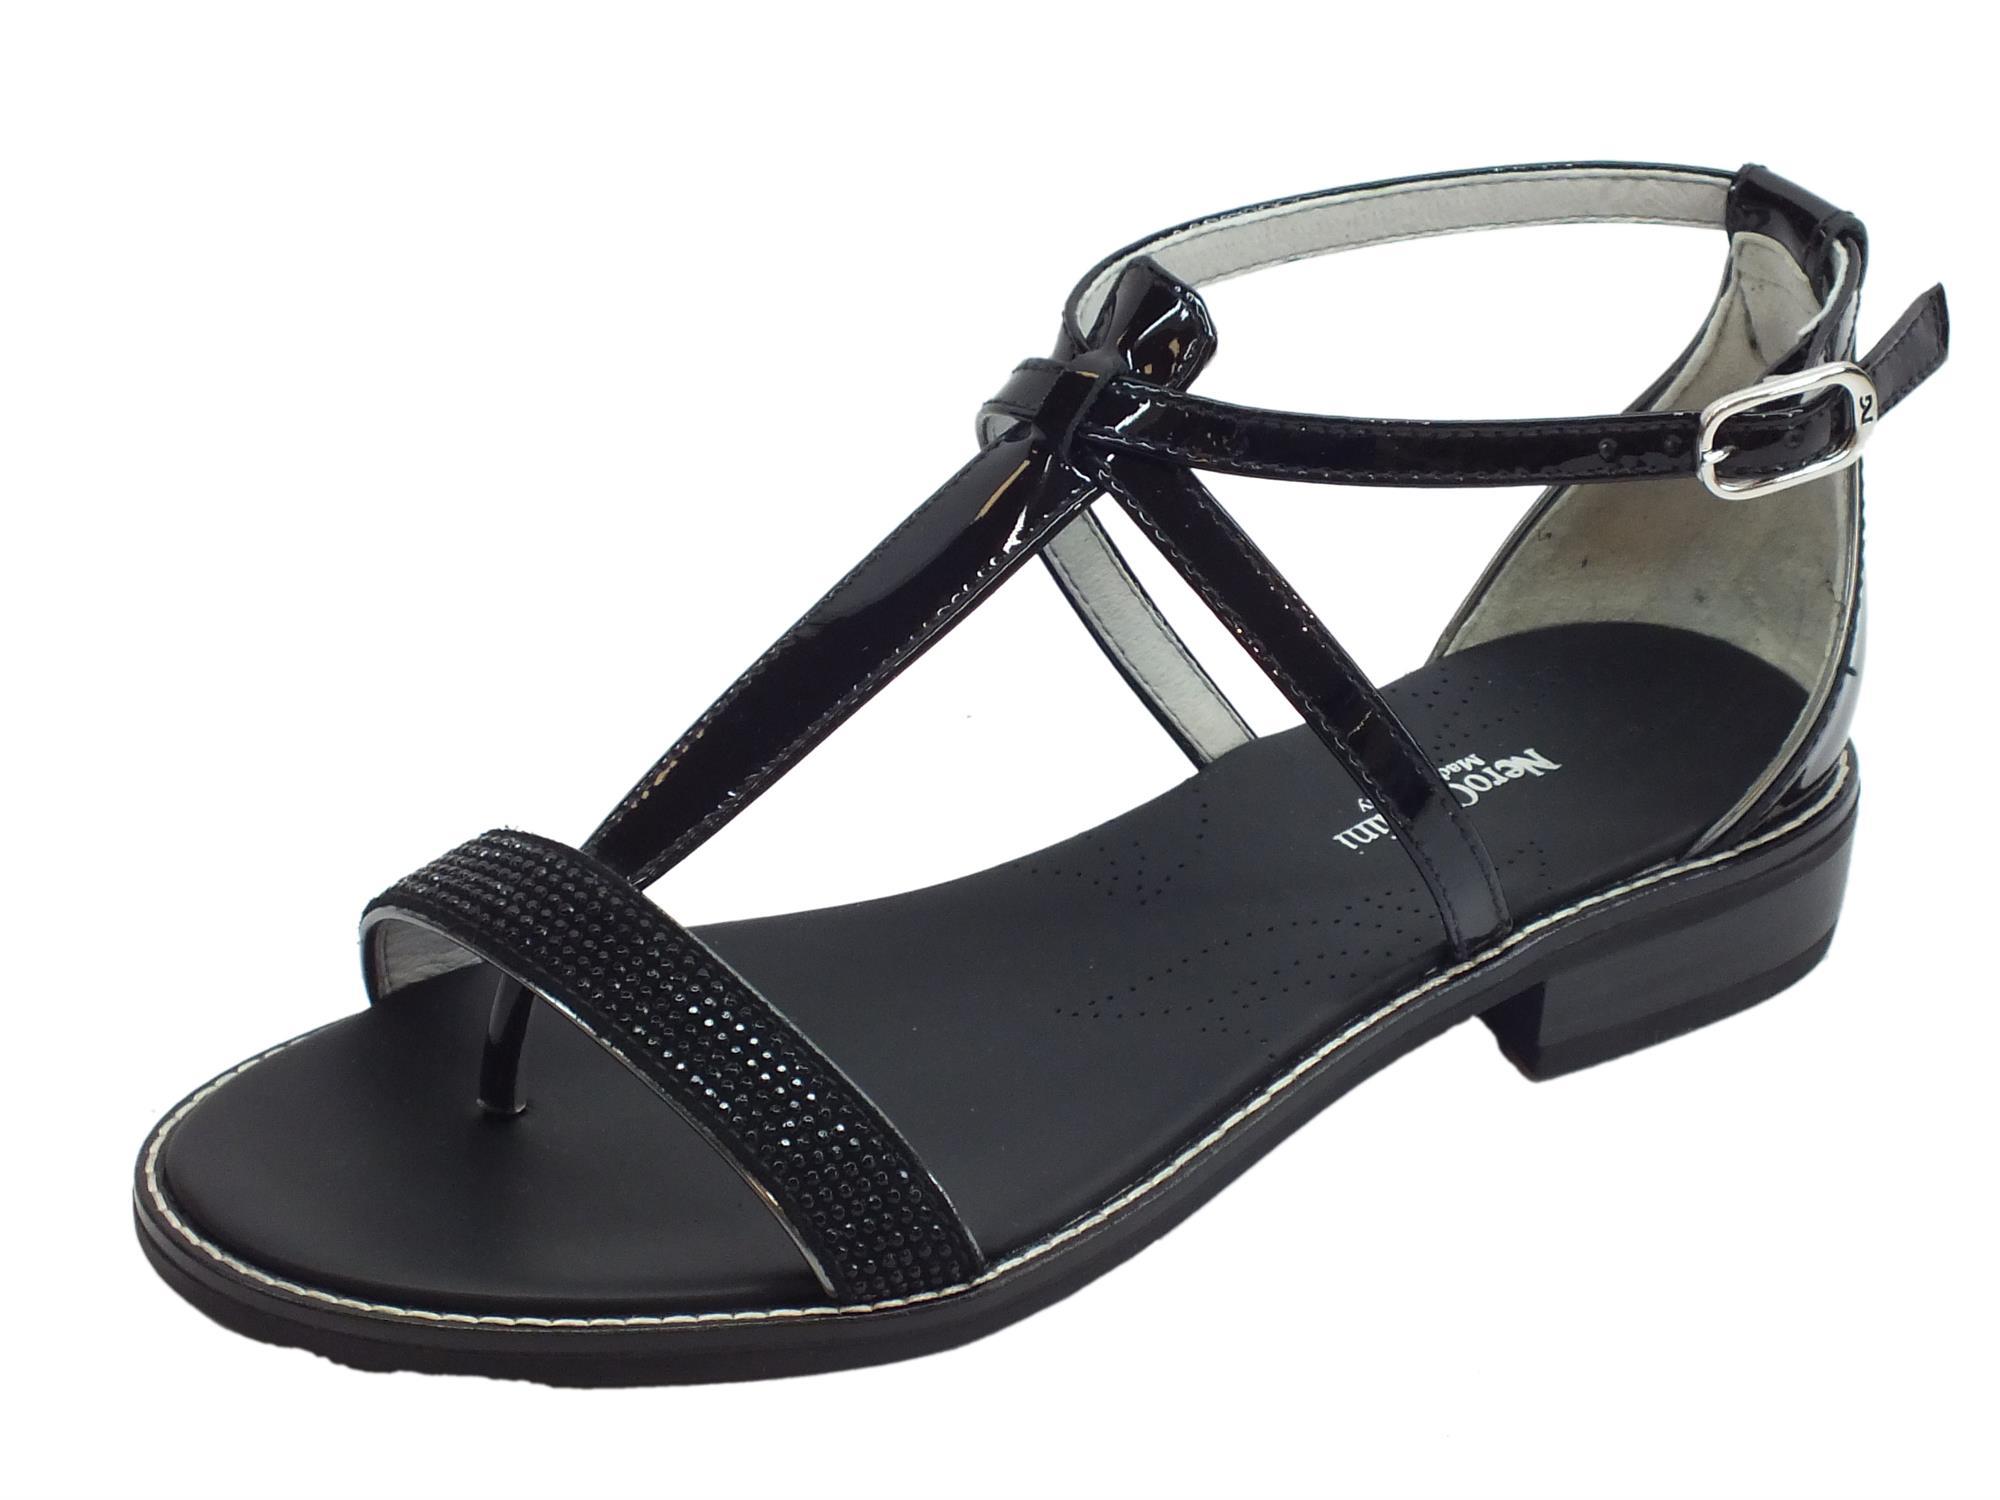 Sandali infra-alluce NeroGiardini per donna in nabuk e camoscio nero con  tacco basso 3557f58fa42